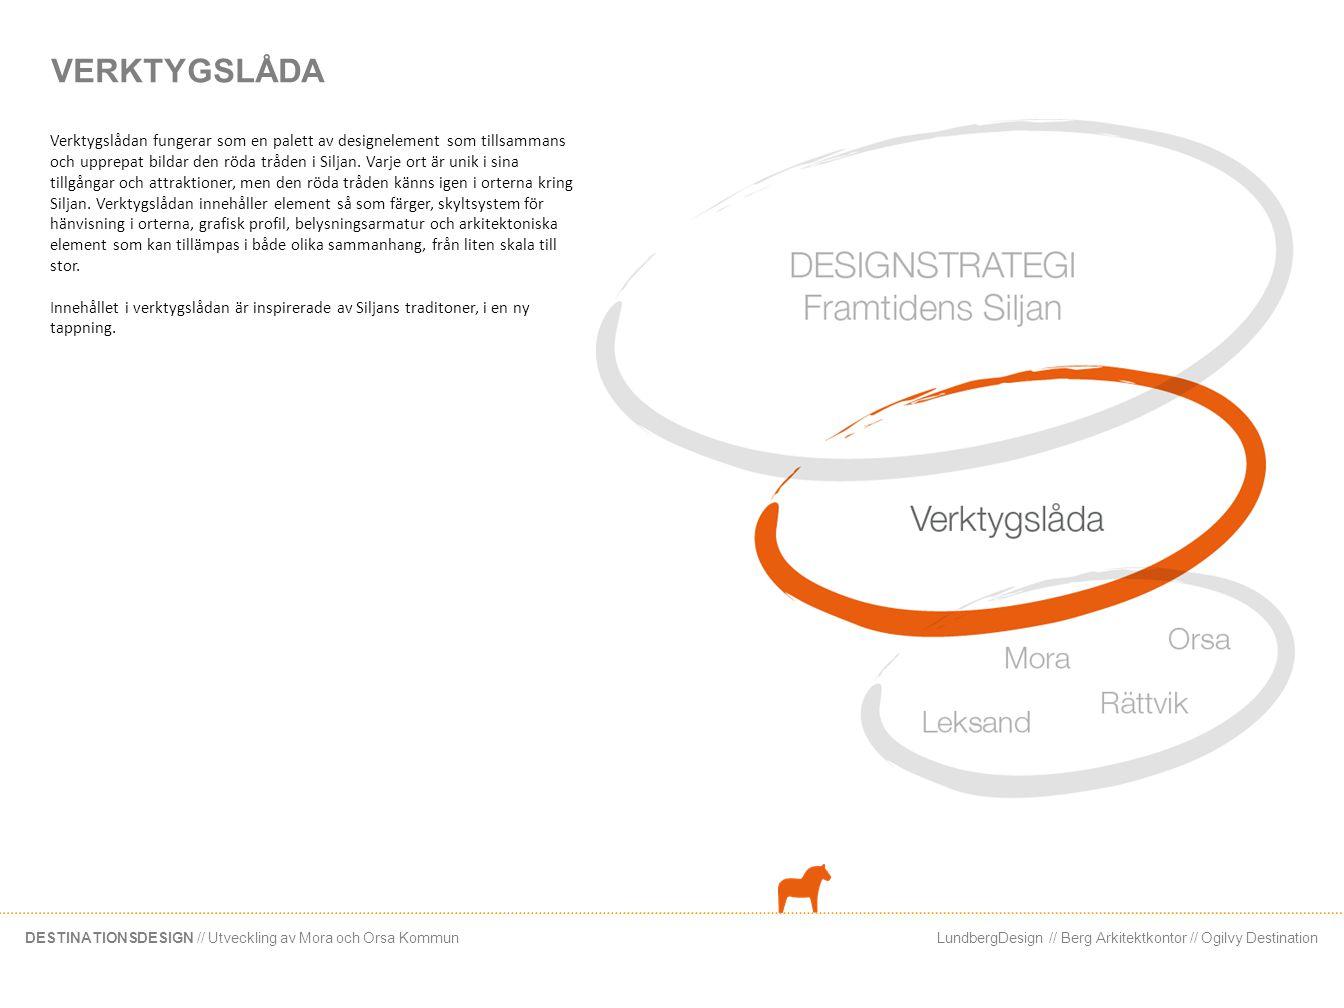 LundbergDesign // Berg Arkitektkontor // Ogilvy DestinationDESTINATIONSDESIGN // Utveckling av Mora och Orsa Kommun VERKTYGSLÅDA Region Siljan Arkitektoniska element SkyltsystemMönsterBelysningsarmatur Basfärger till arkitektoniska element: falurött, slamsvart och järnvitriol grå Accentfärger till skyltsystem och liknande